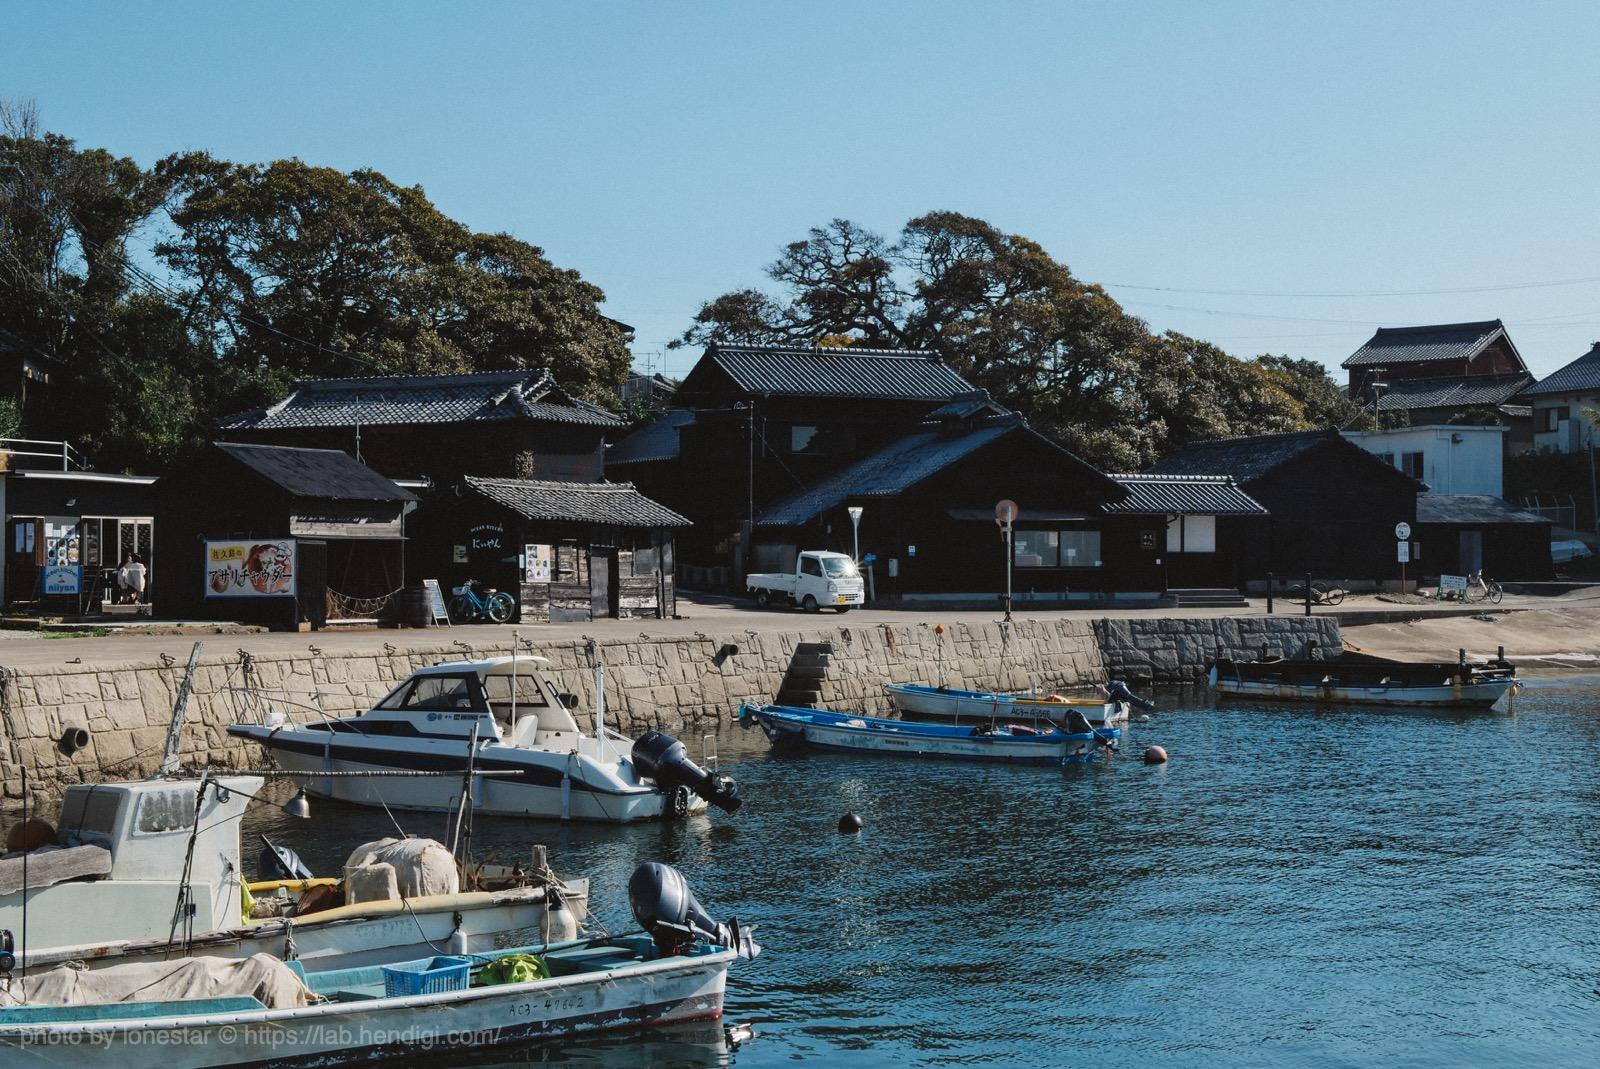 佐久島 港